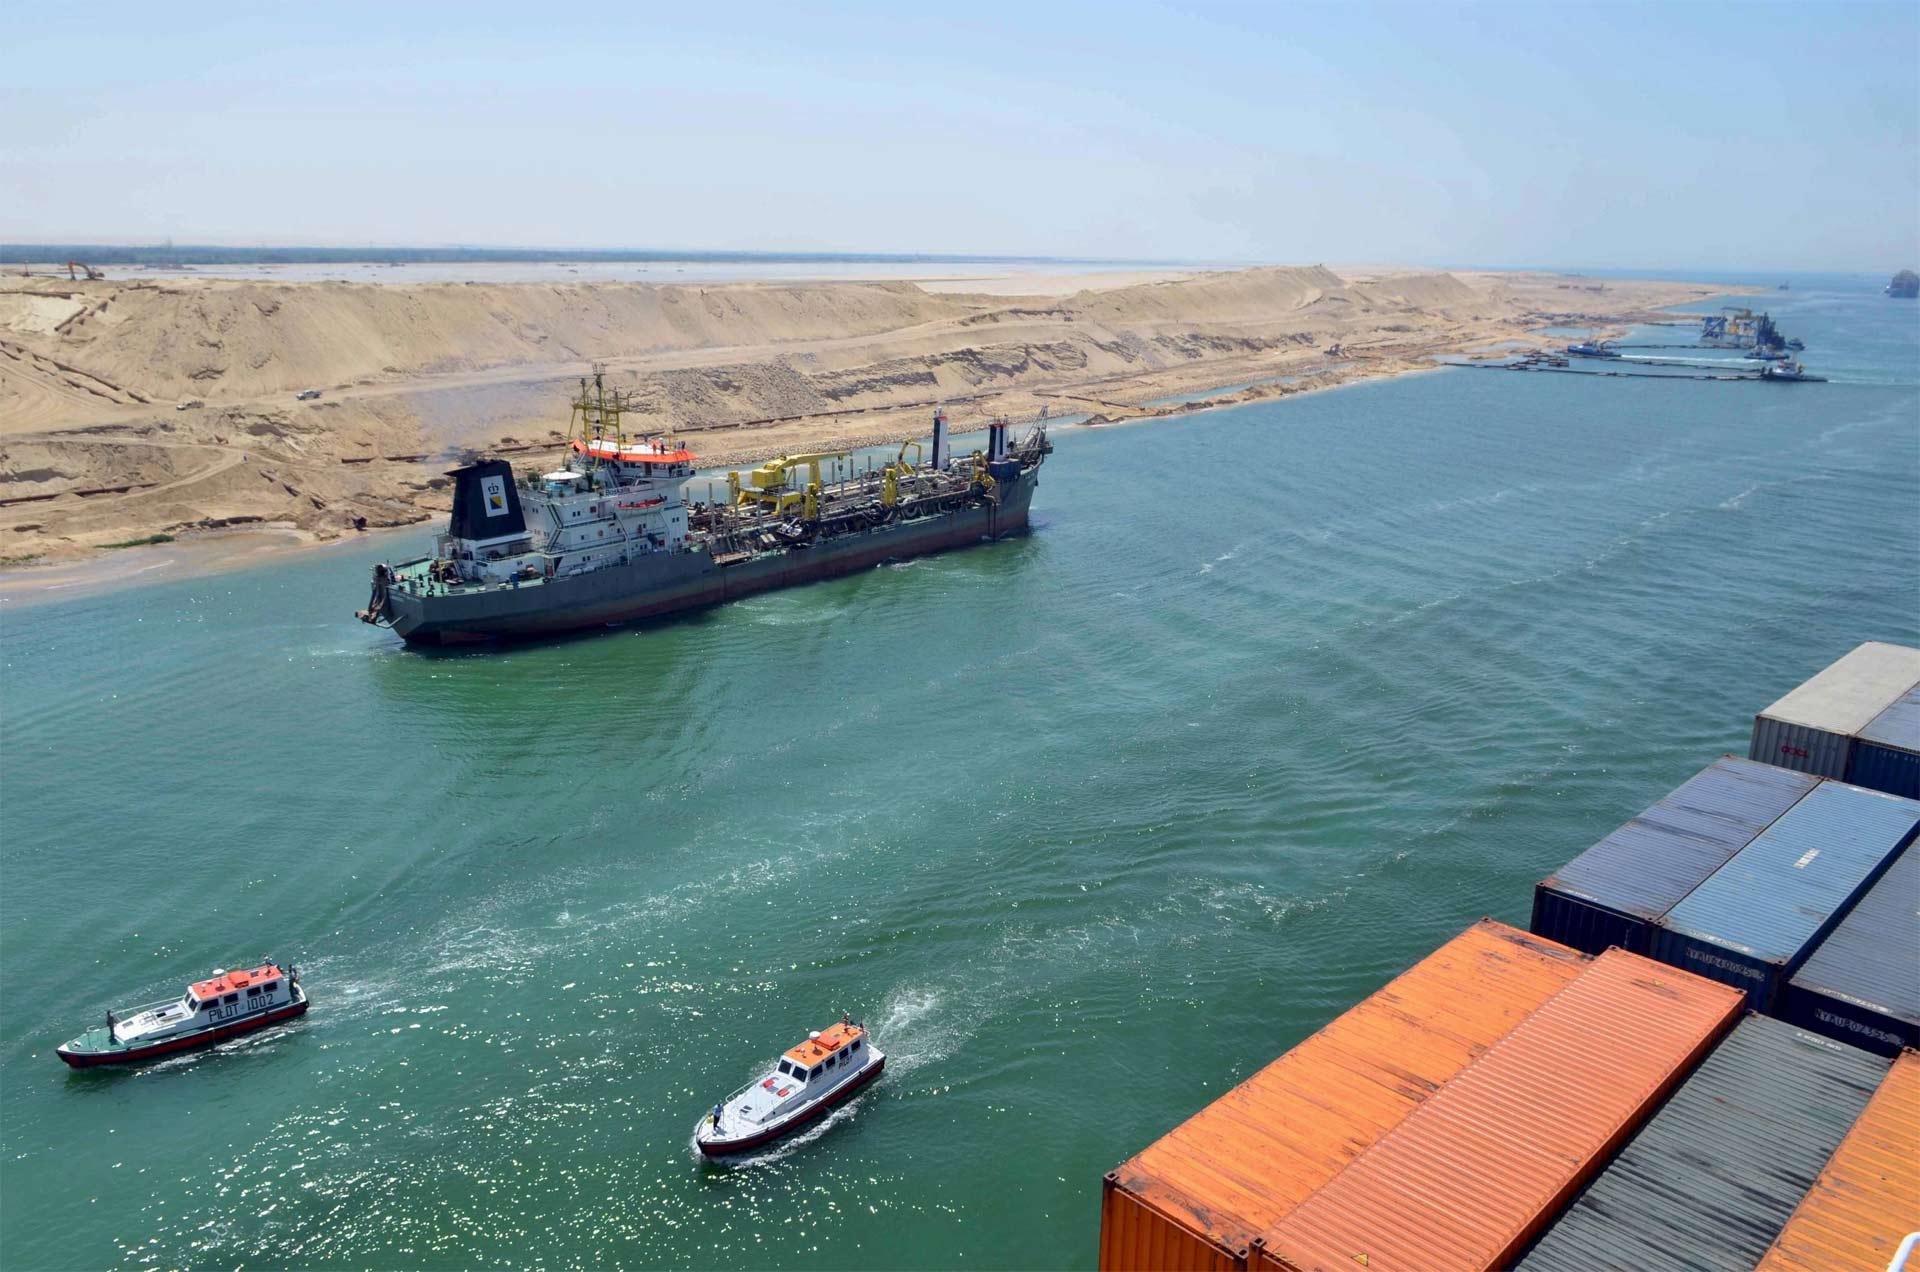 Mañana será inaugurado un nuevo tramo navegable que ayudará a levantar la economía egipcia